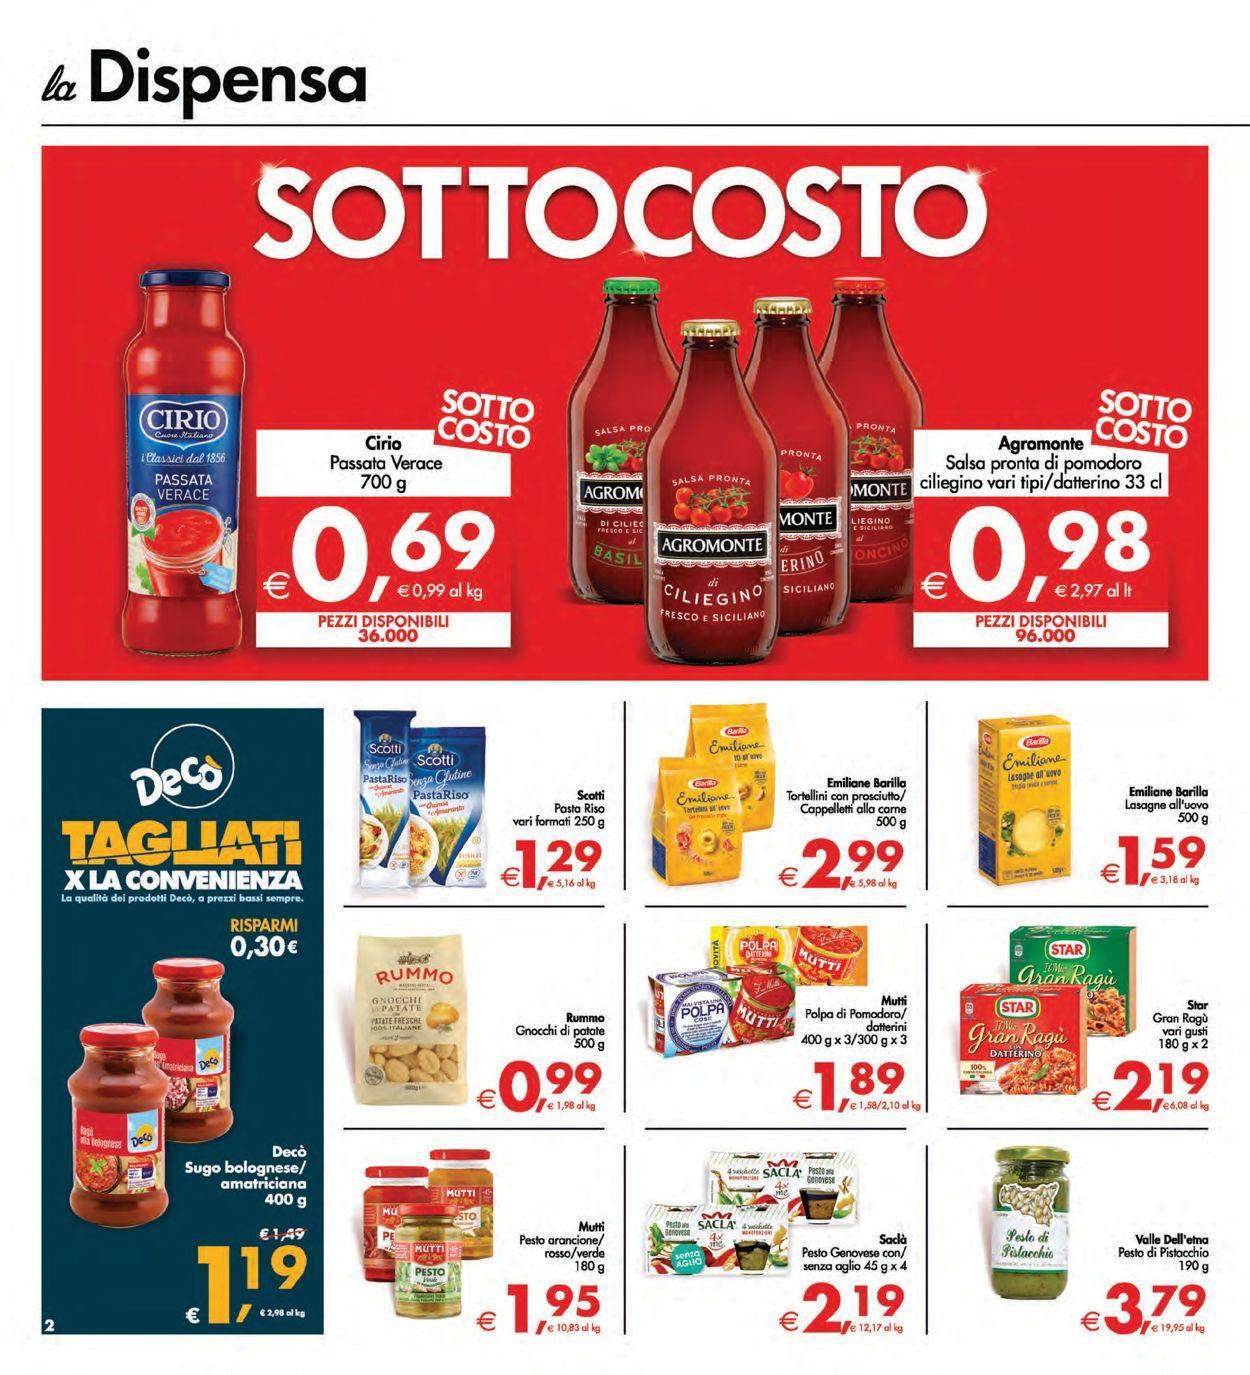 Volantino Deco Superstore - Offerte 09/02-18/02/2021 (Pagina 2)